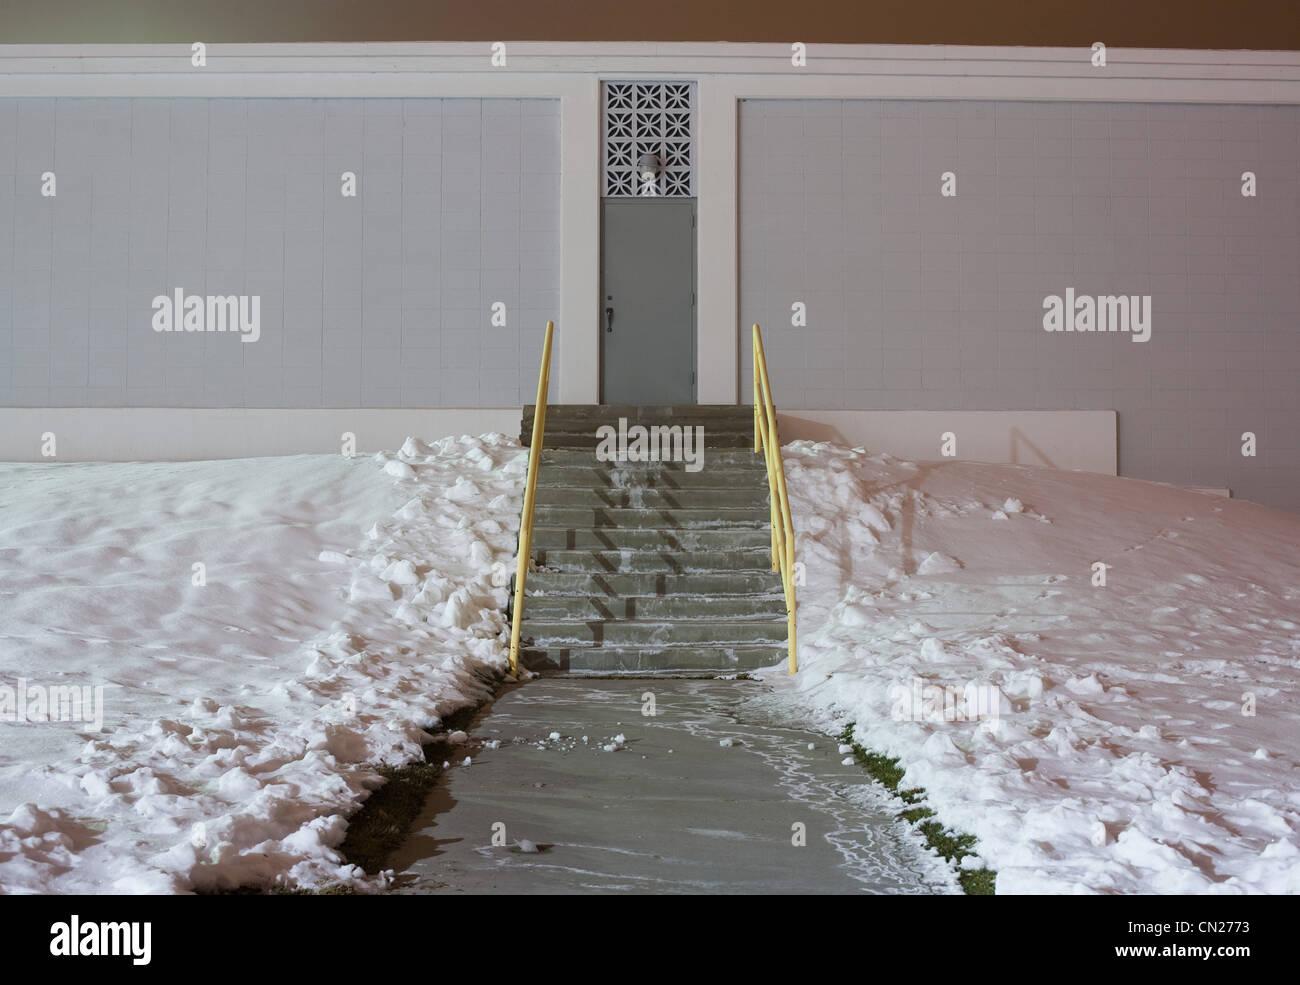 Schritte und Gebäudehülle im Schnee Stockbild